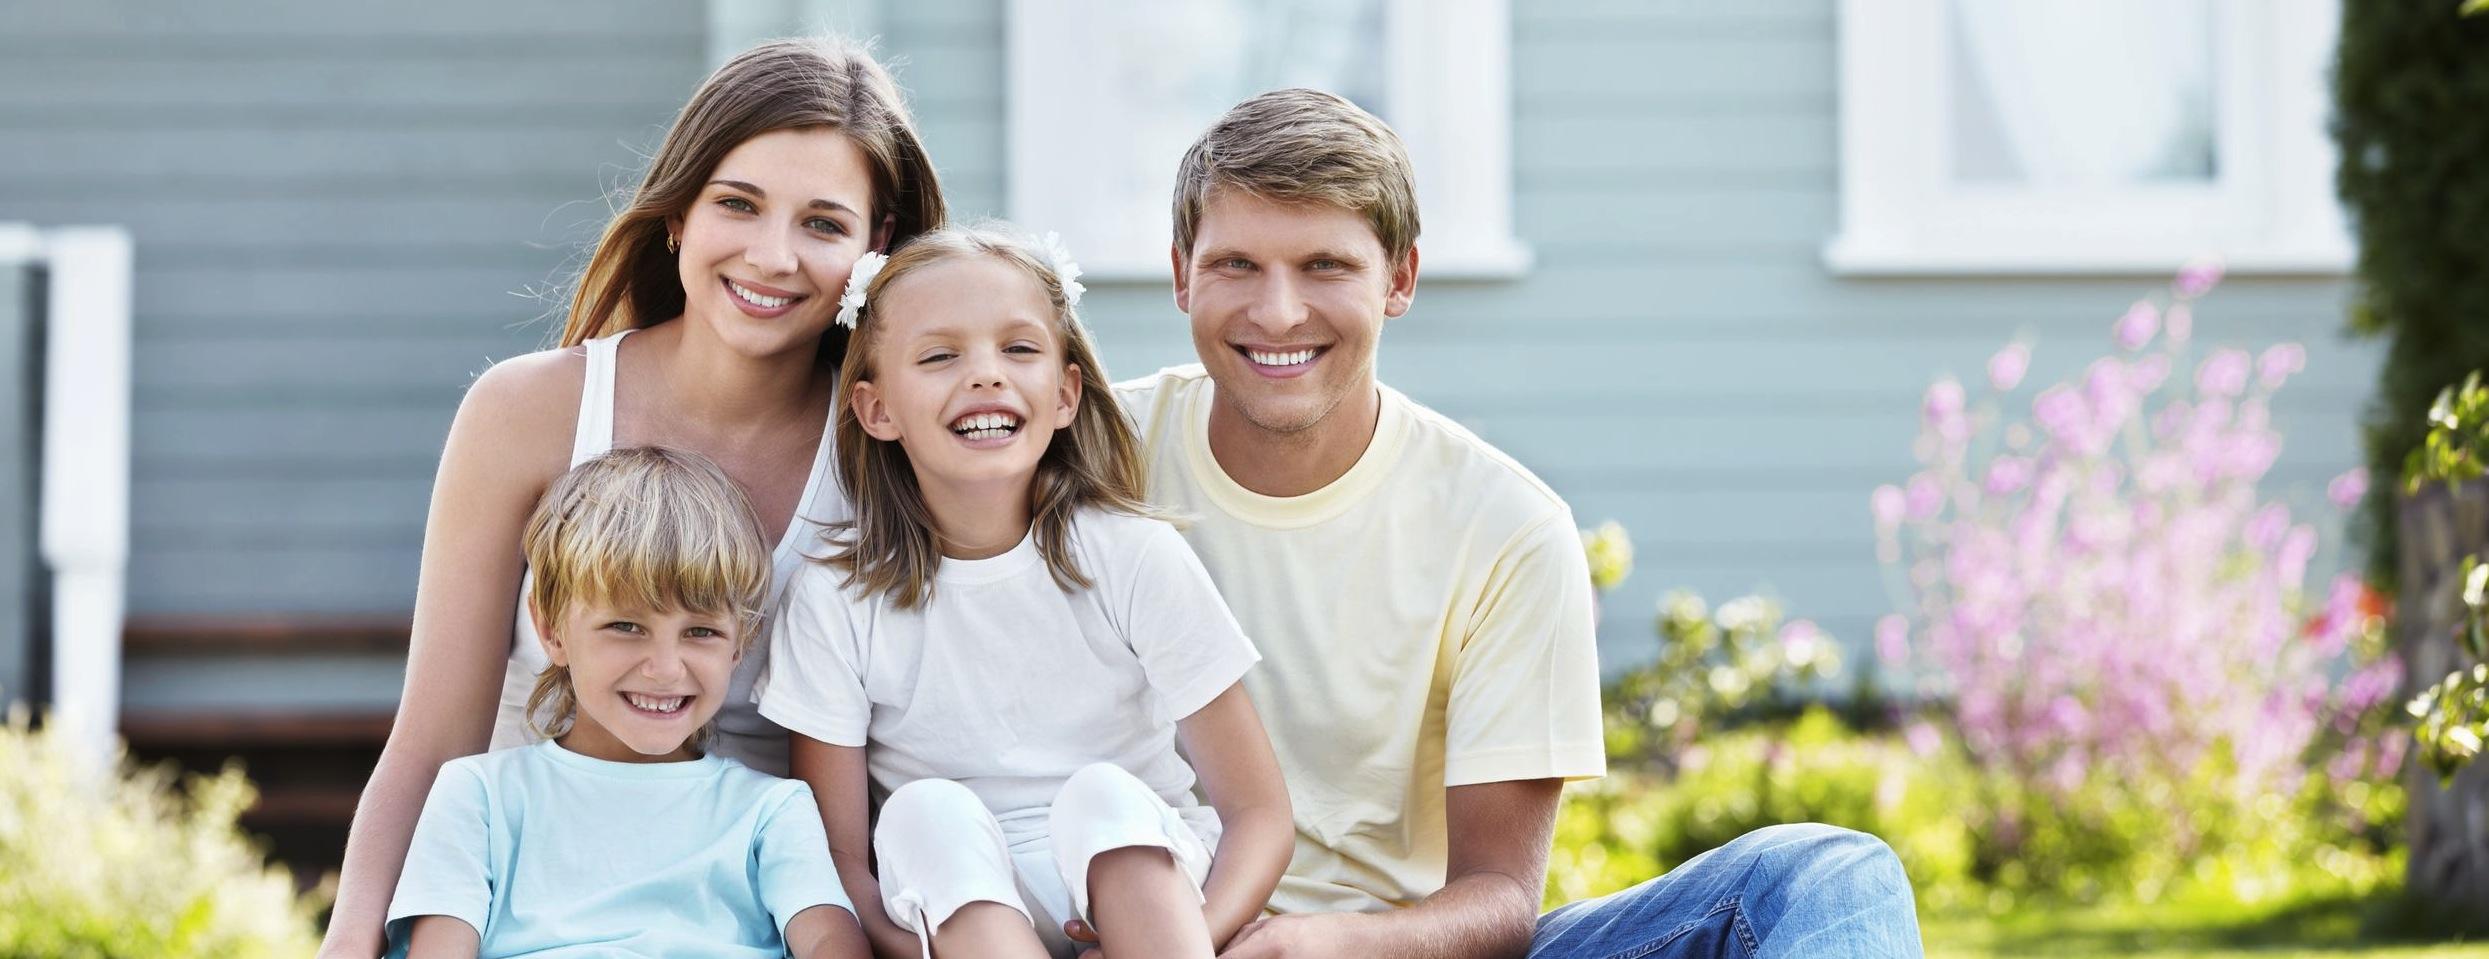 Protégez vos biens et votre famille en installant un système d'alarme